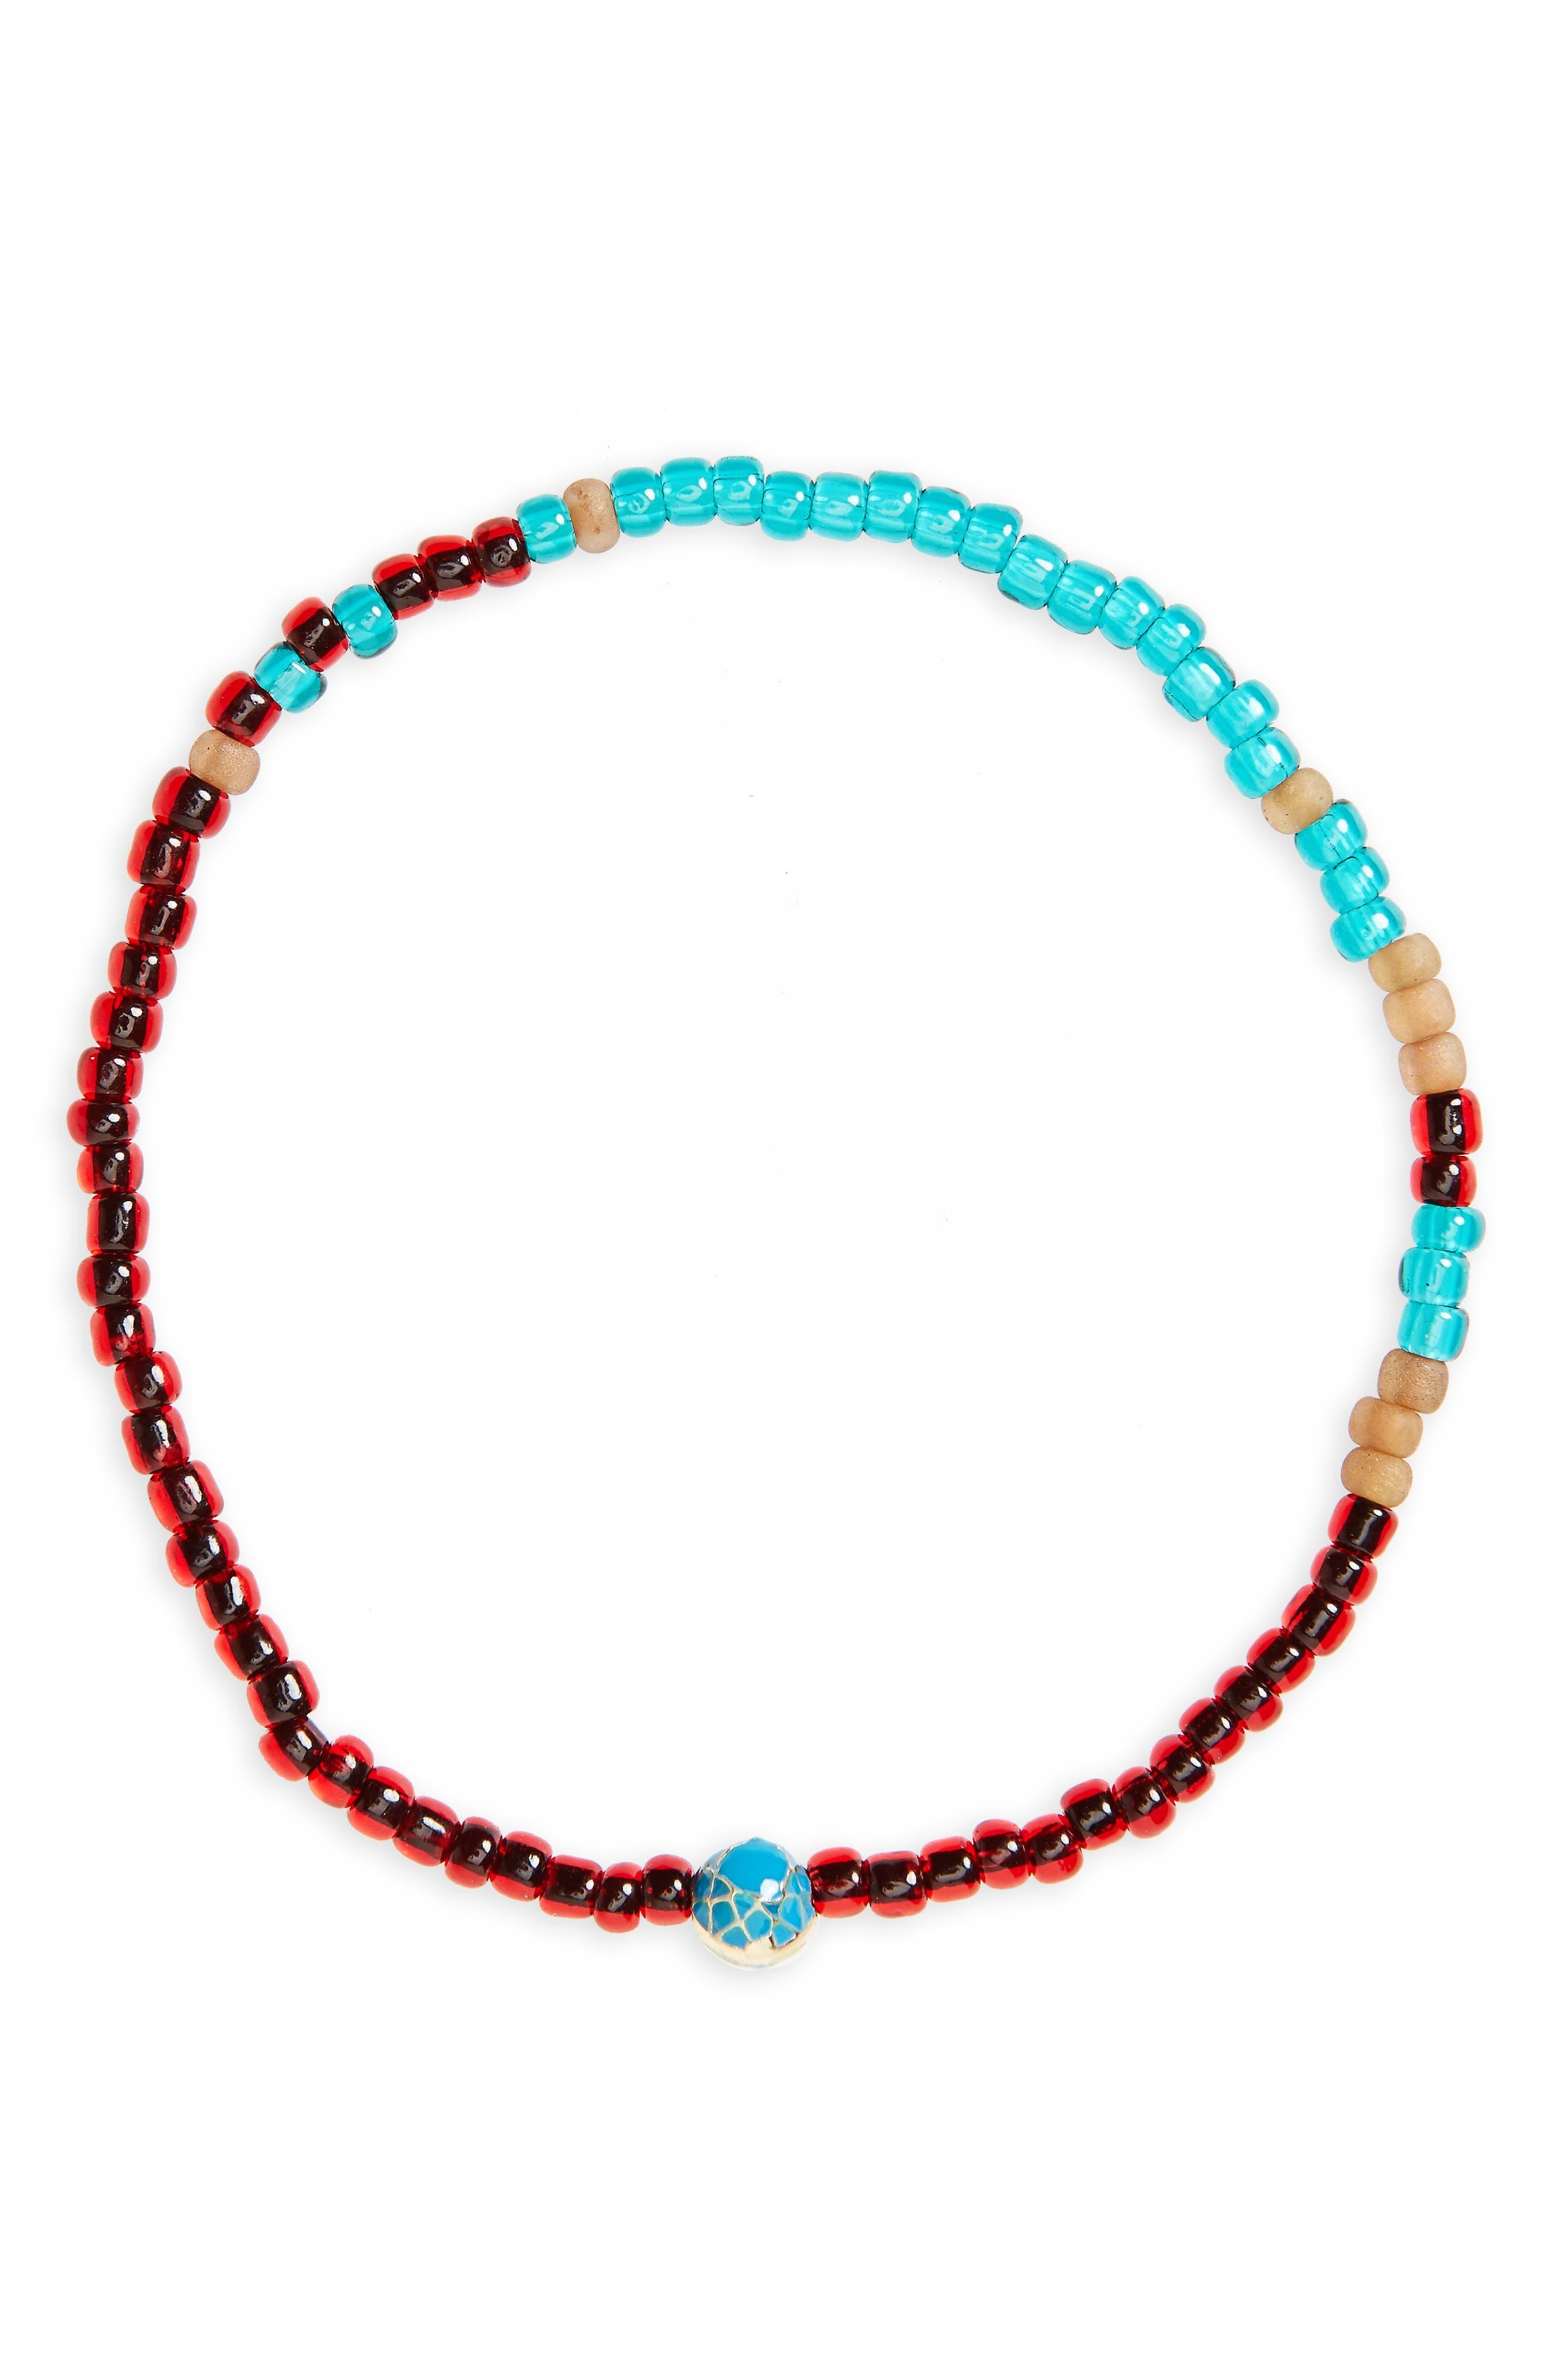 Mini Faceted Mantra Bracelet,                             Main thumbnail 1, color,                             440